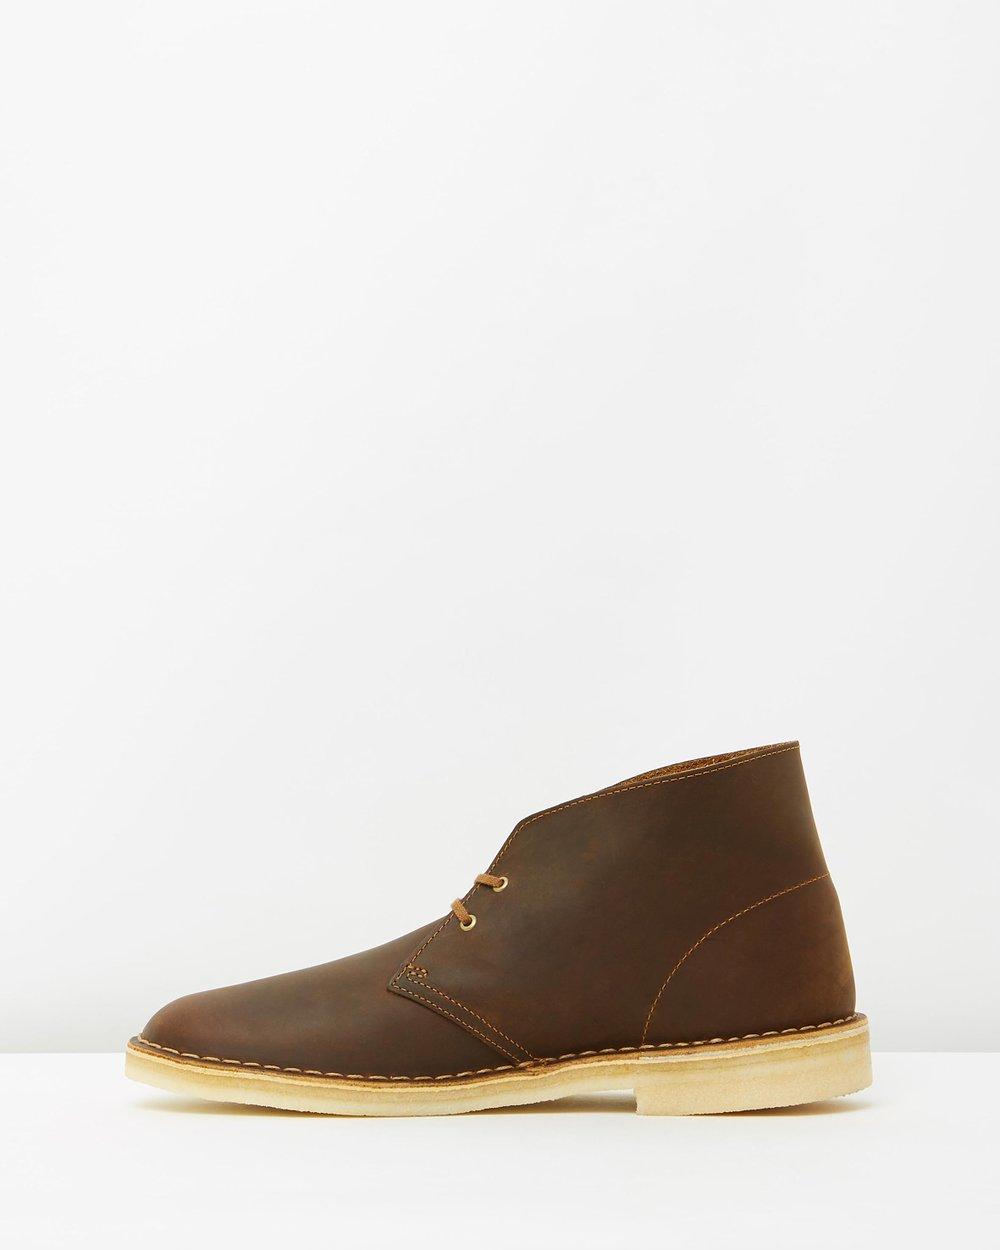 d887be83e Desert Boots by Clarks Originals Online